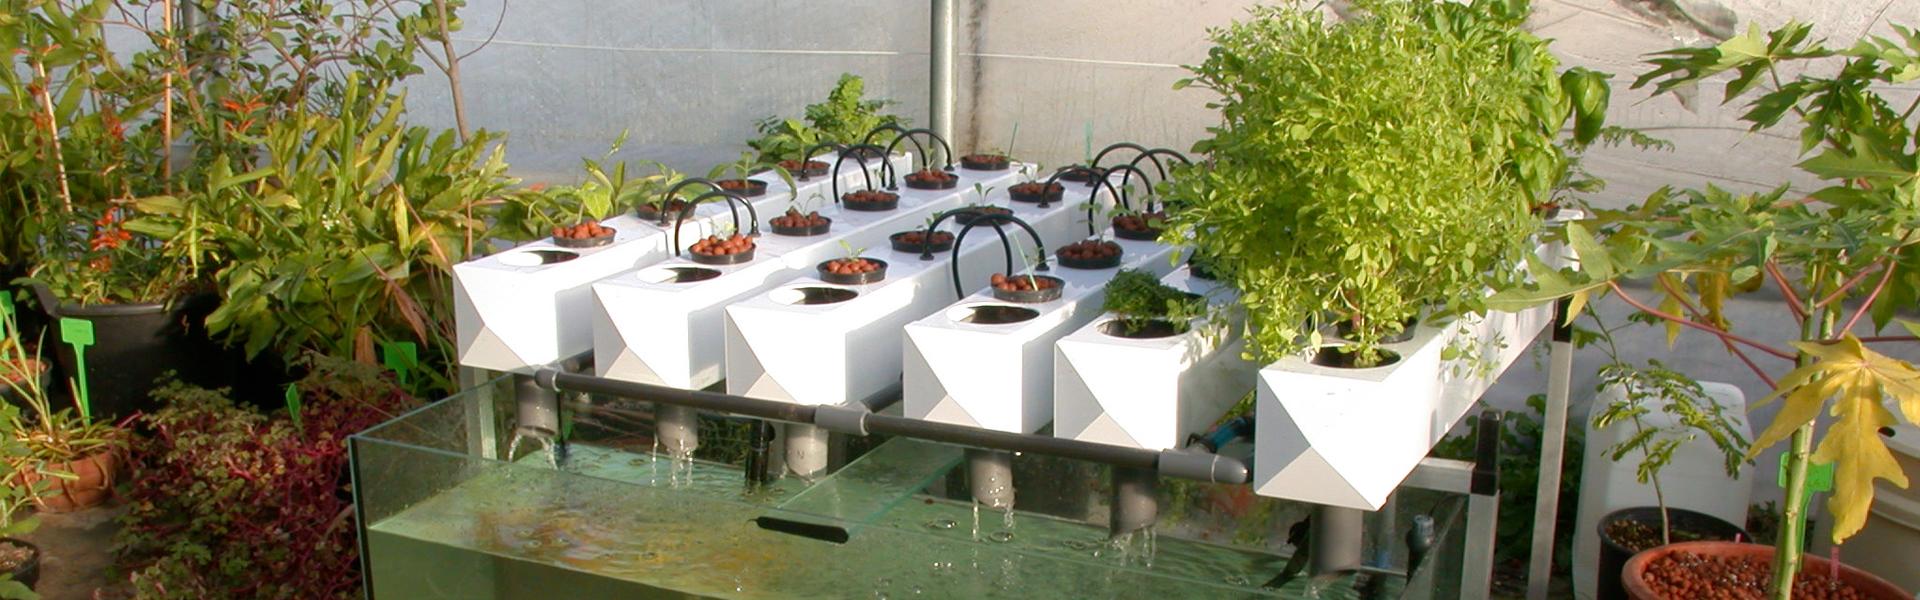 Les composants d'un système aquaponique